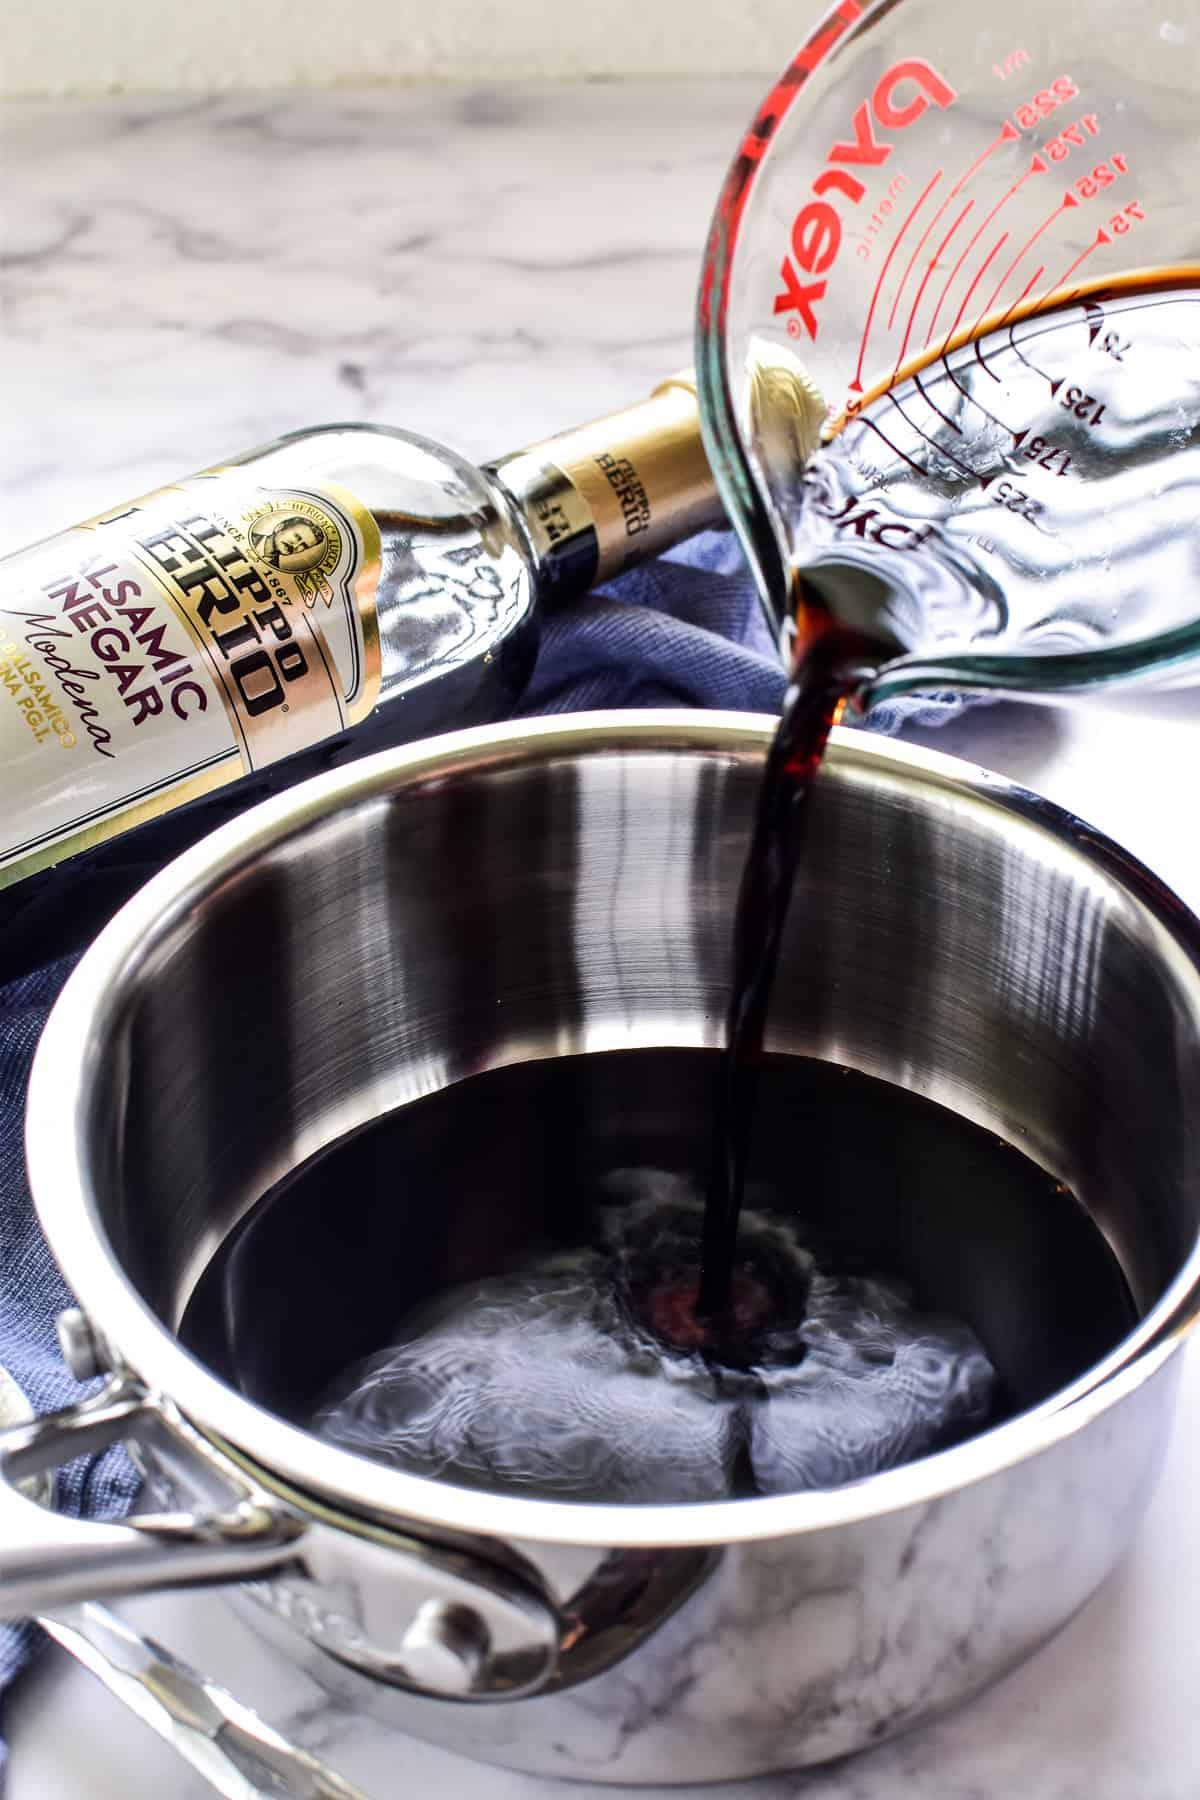 Pouring vinegar into a saucepan